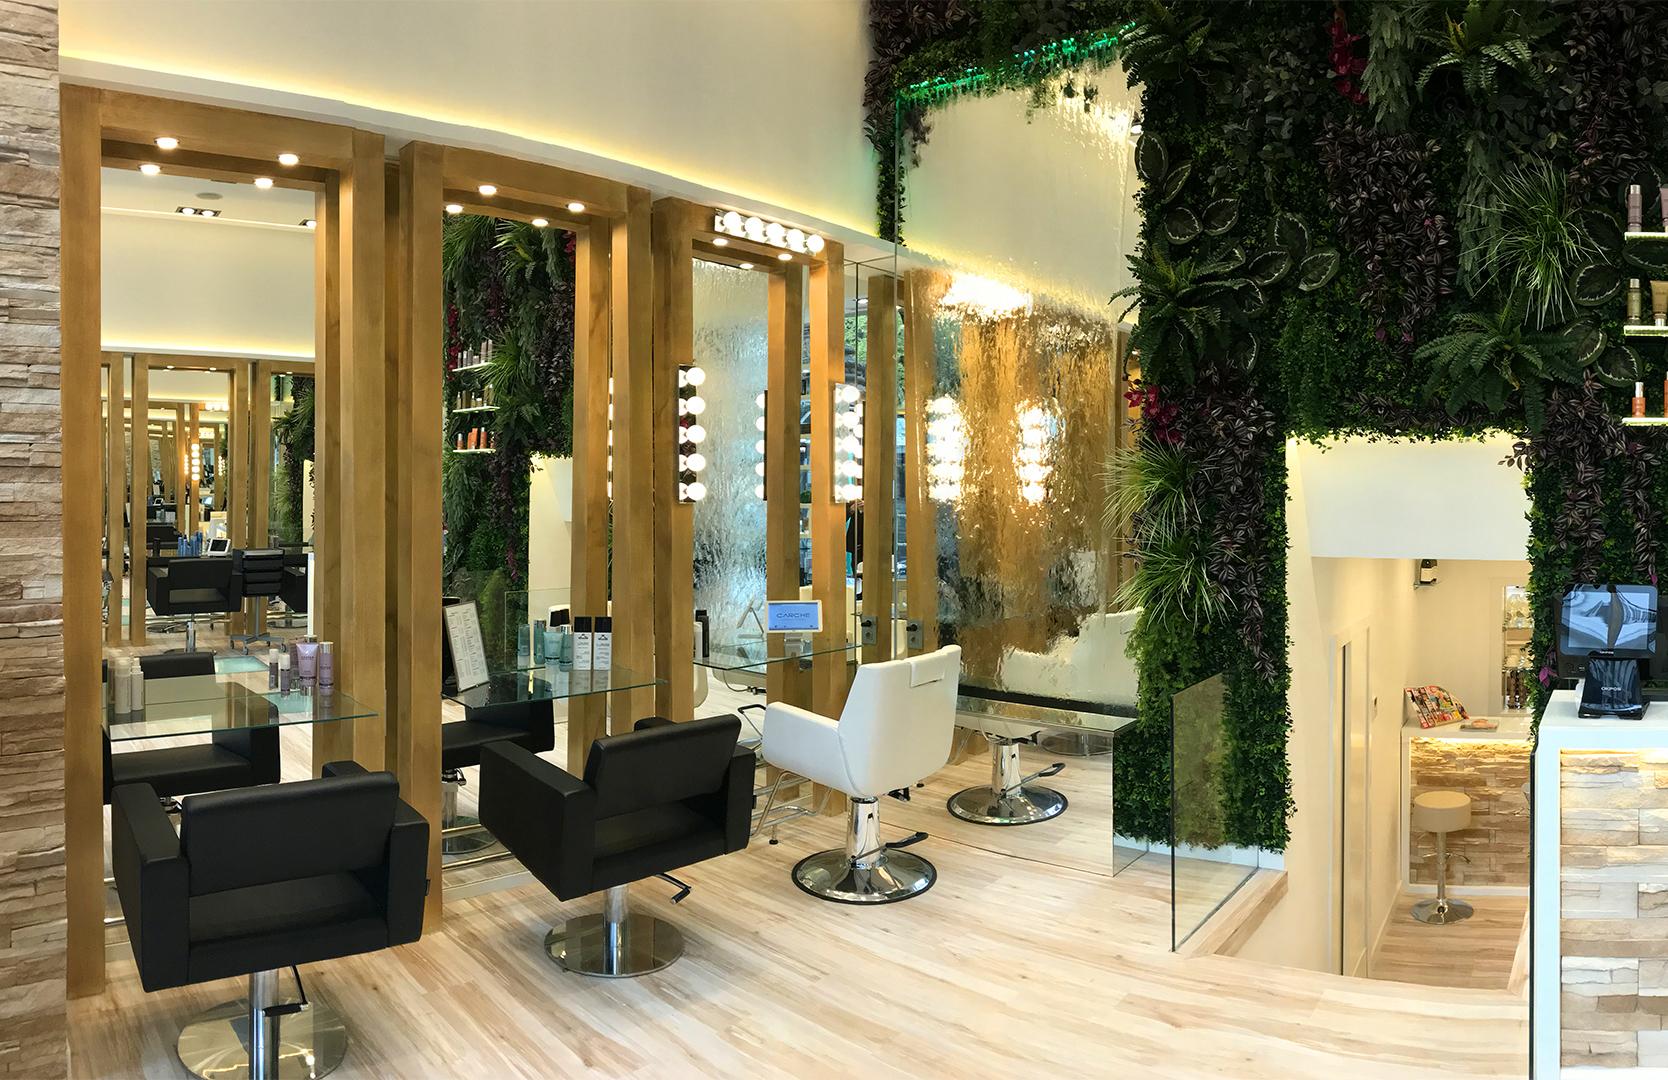 salon-peluqueria-carche9